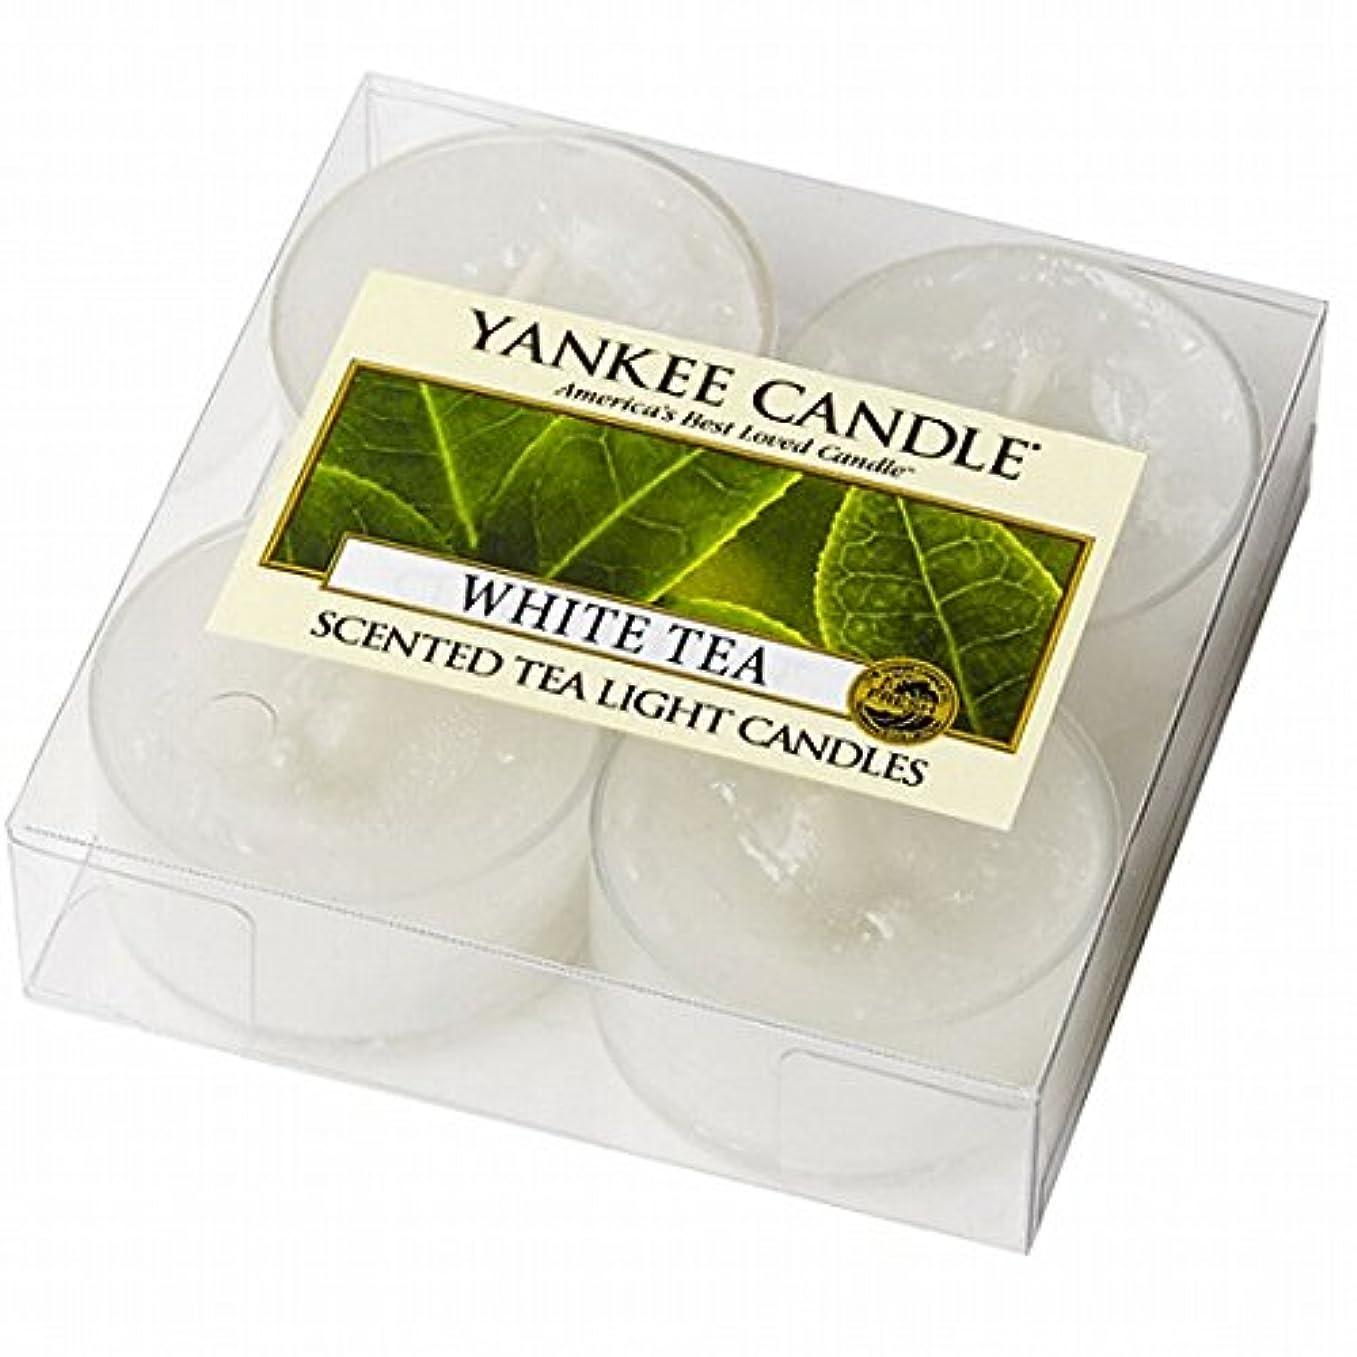 含意ファンブル従順YANKEE CANDLE(ヤンキーキャンドル) YANKEE CANDLE クリアカップティーライト4個入り 「ホワイトティー」(K00205277)